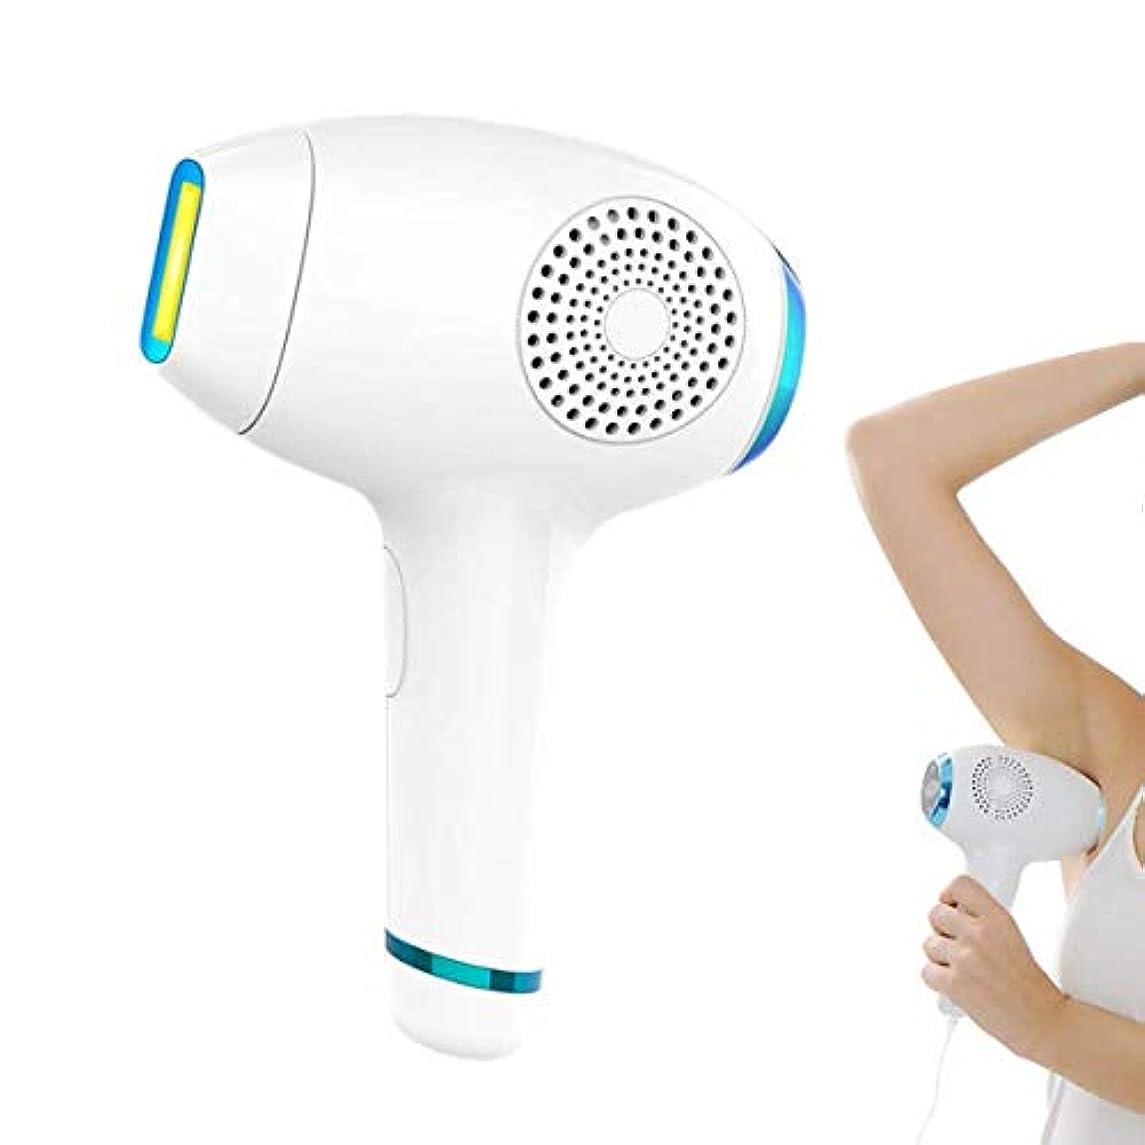 古風なファブリック交じるQAZ 女性男性の顔、家庭用電気無痛クール脱毛デバイス、タッチLCD画面付き永久脱毛デバイス用脱毛システム